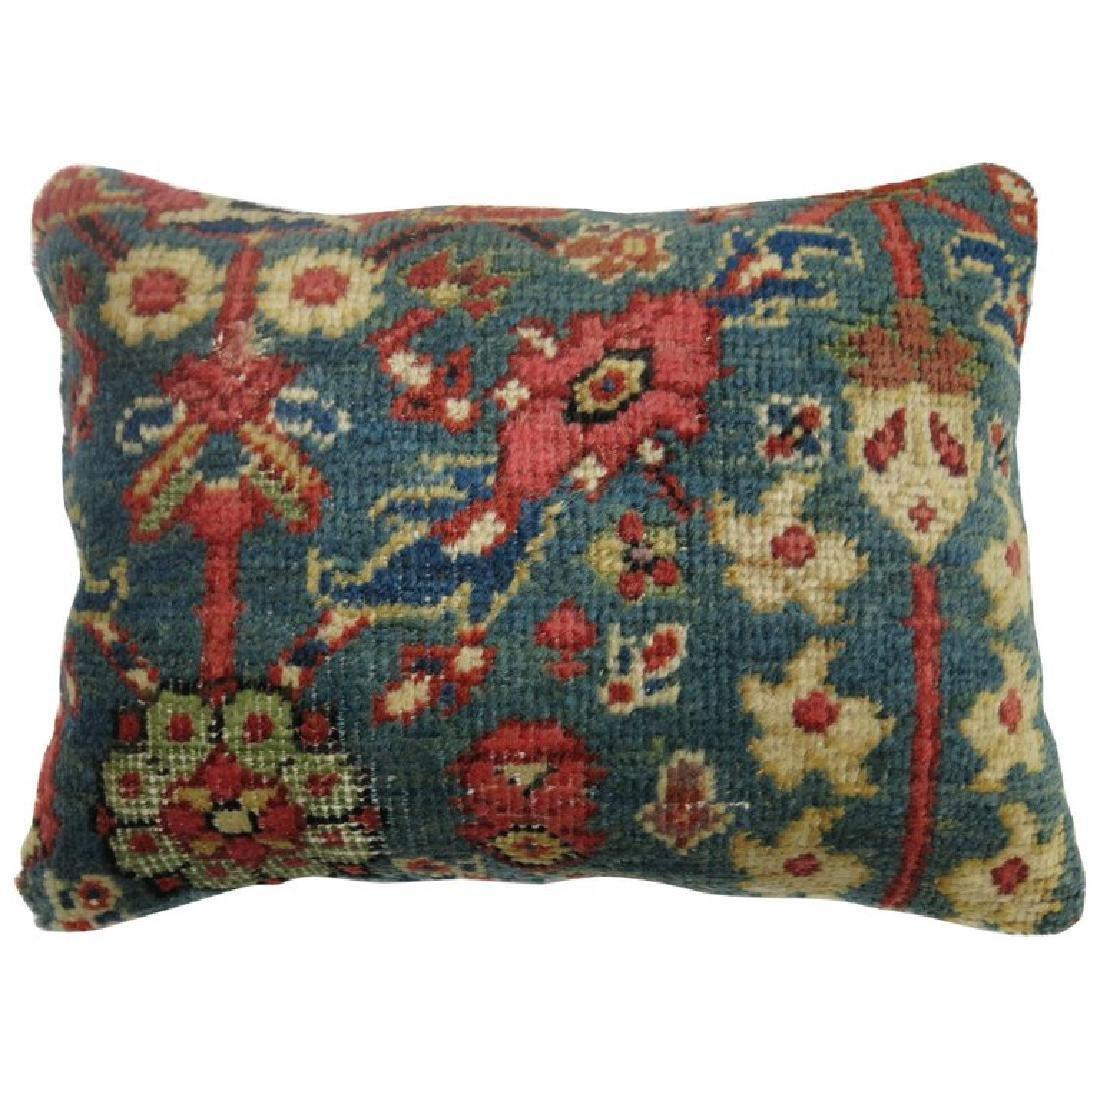 Green Persian Mahal Rug Pillow 1.2x1.7